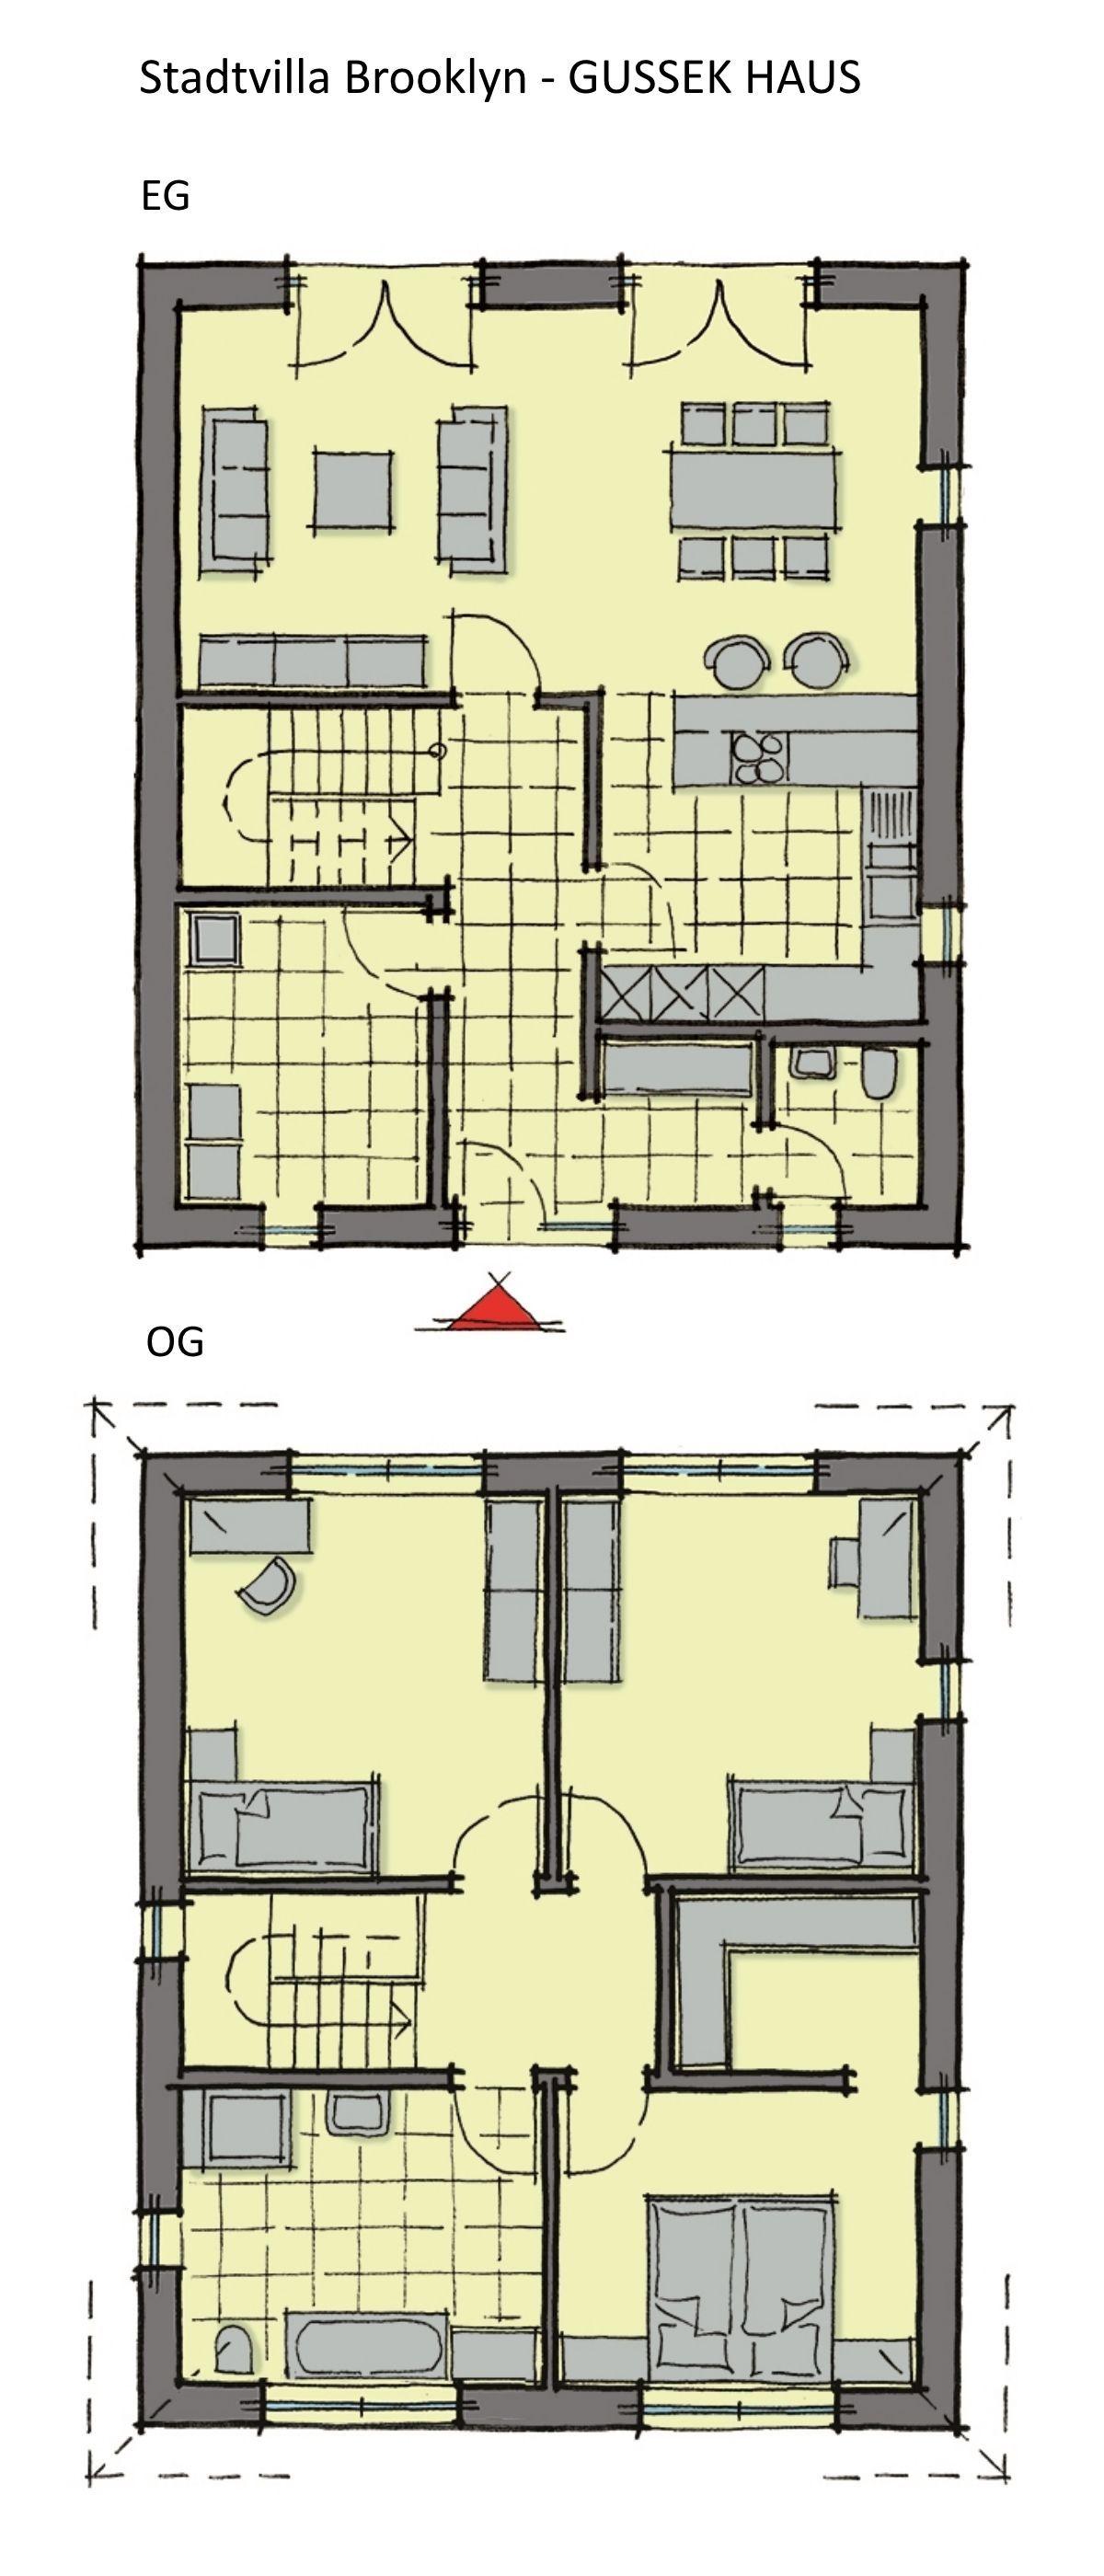 Grundriss Stadtvilla rechteckig mit Walmdach Architektur